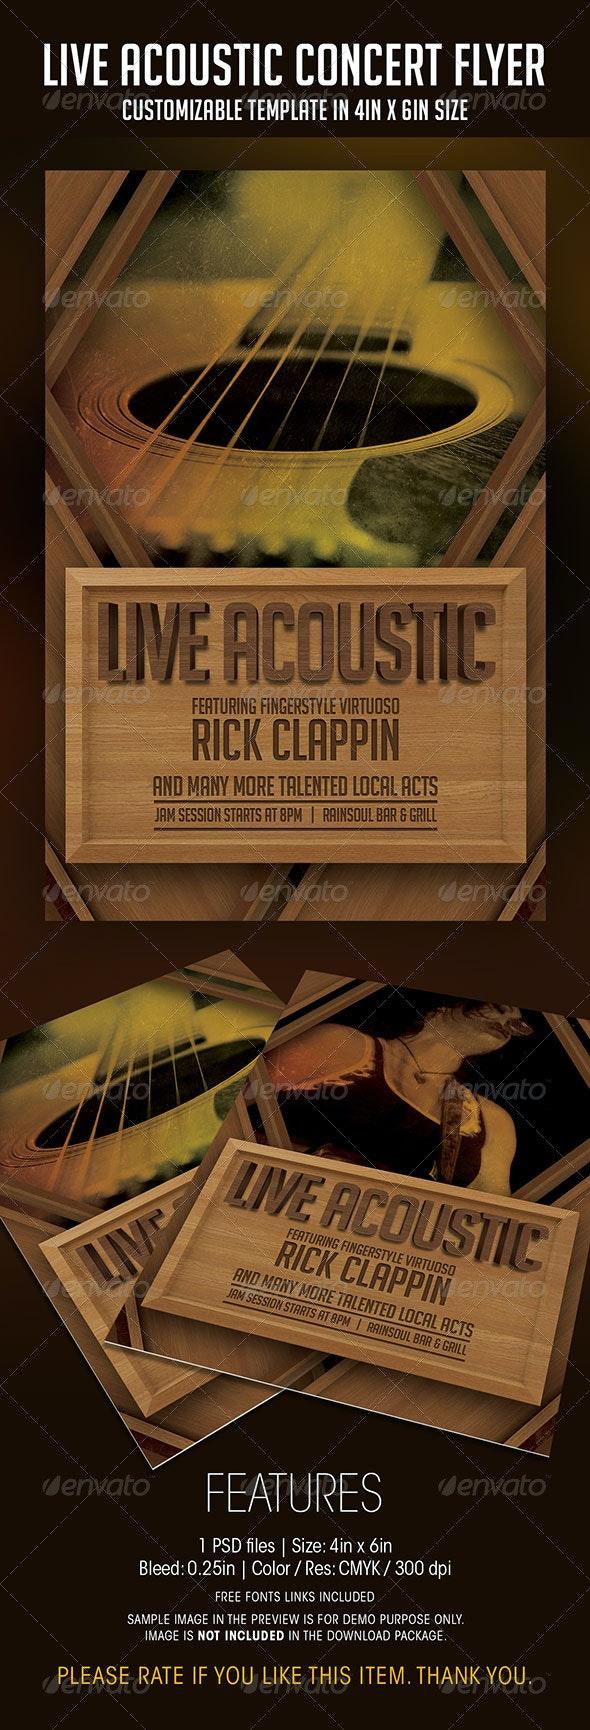 Live Acoustic Concert Flyer - Concerts Events